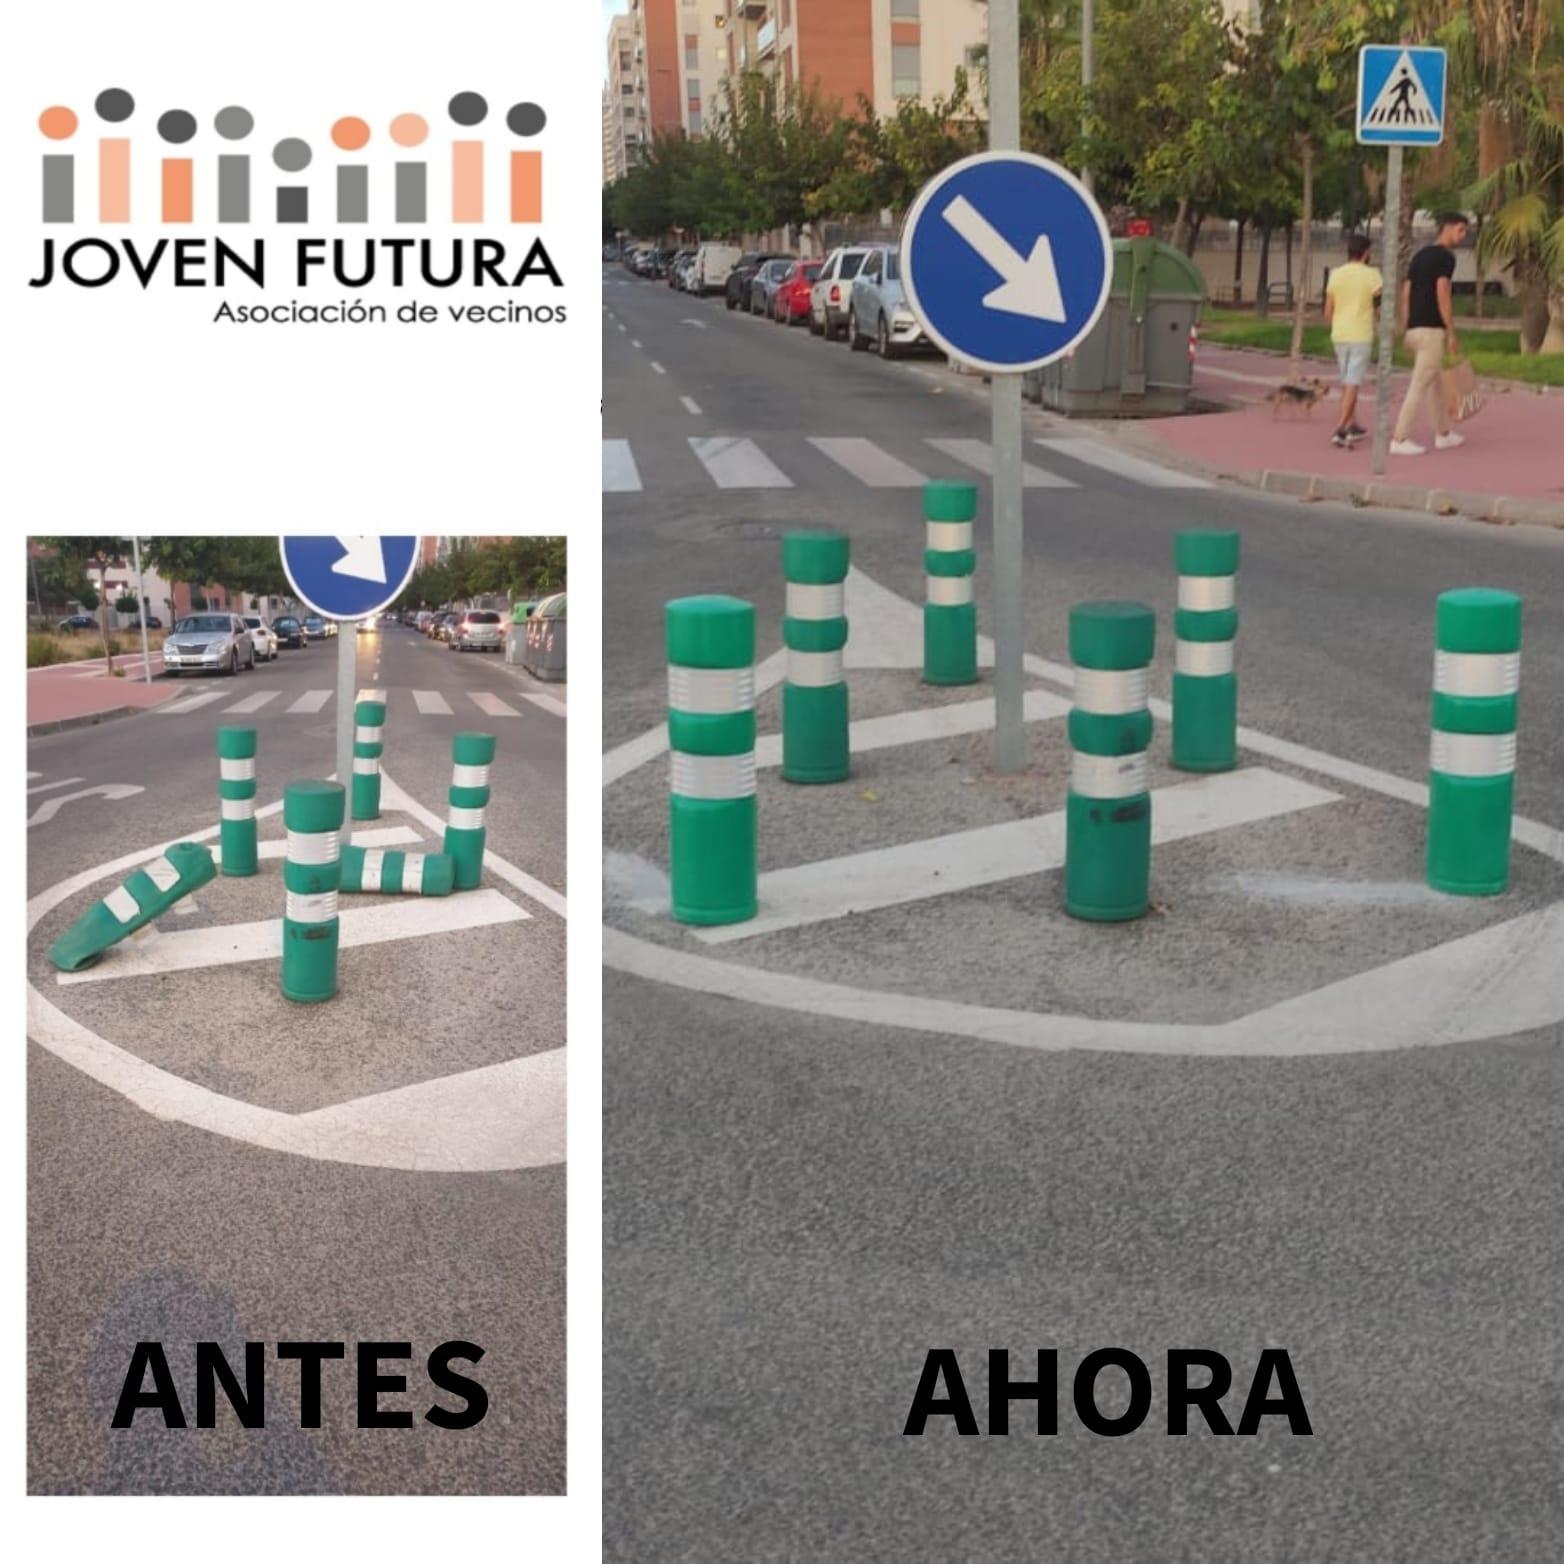 2021-09-06 Pivotes reparados al final de la Avenida Joven Futura